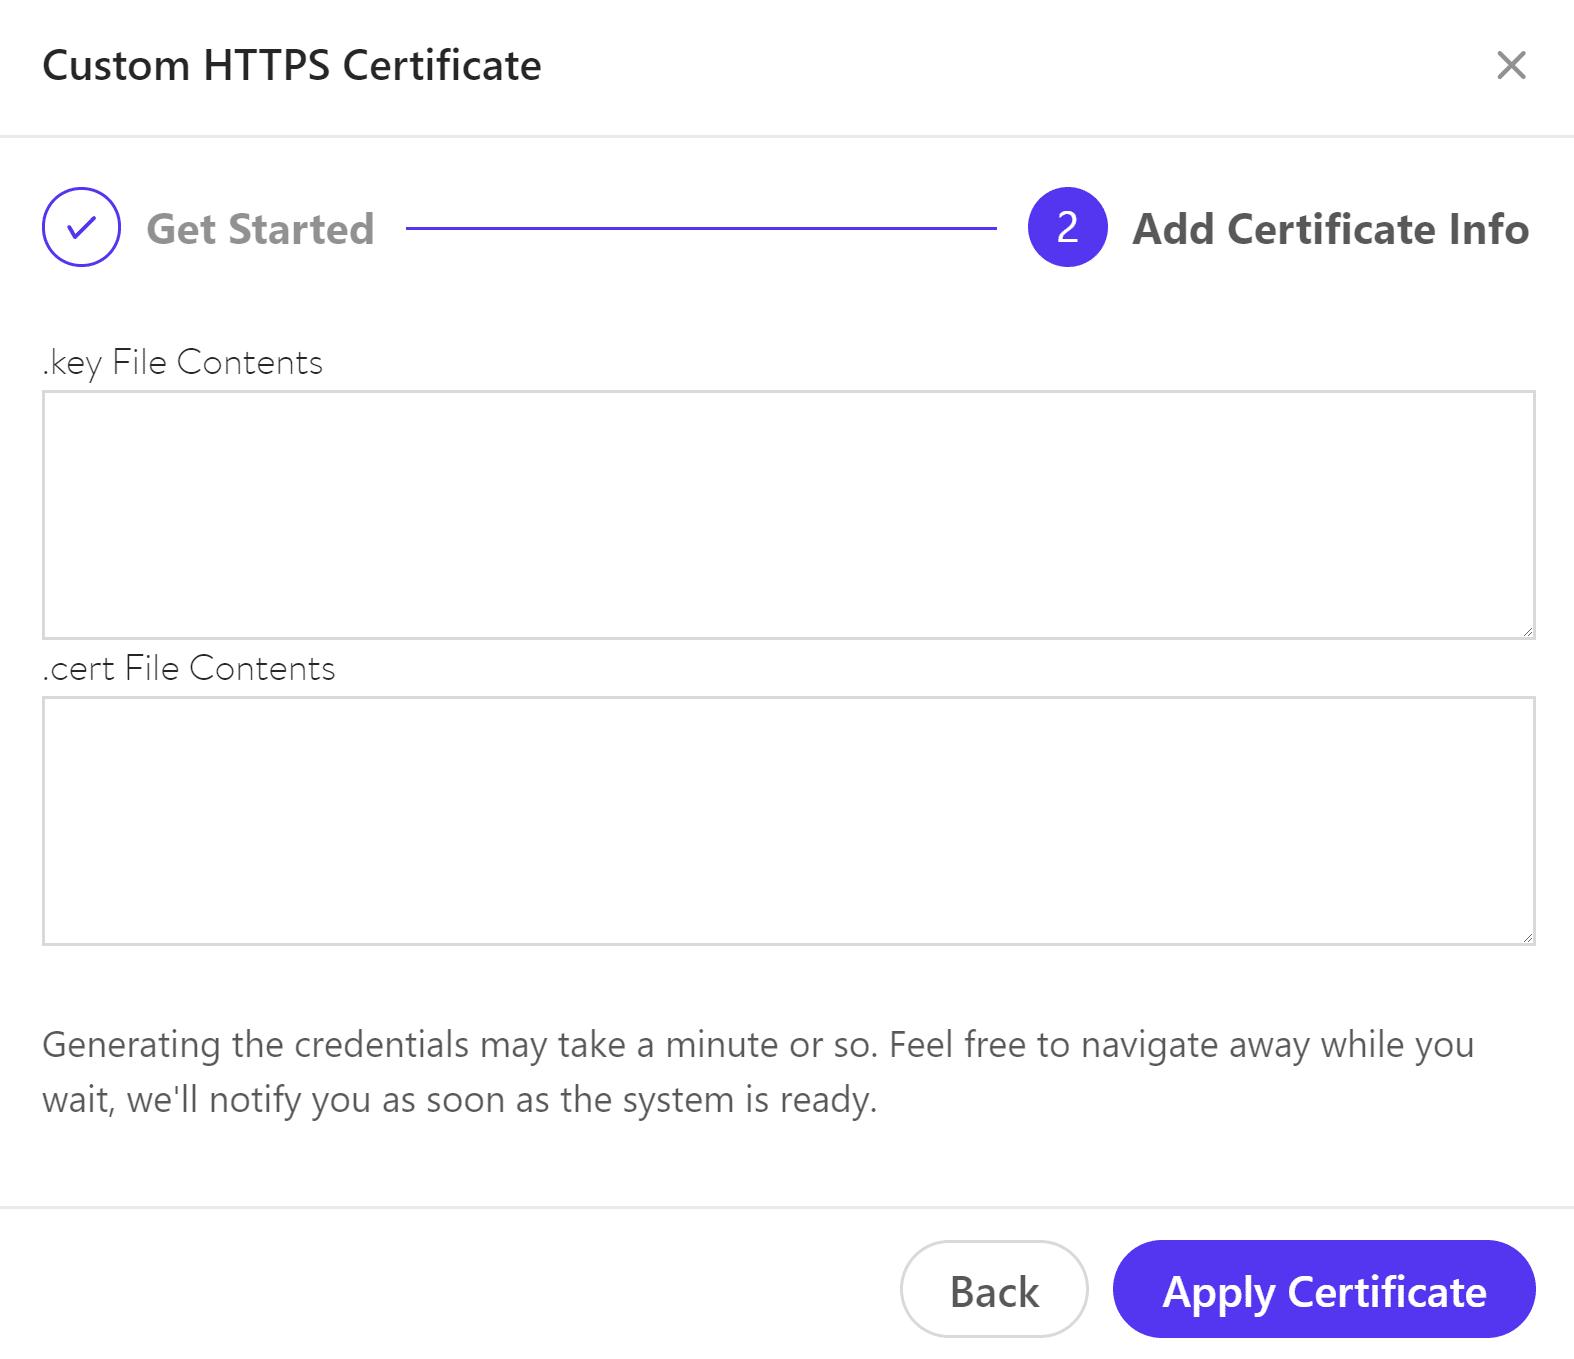 Aplicar certificado